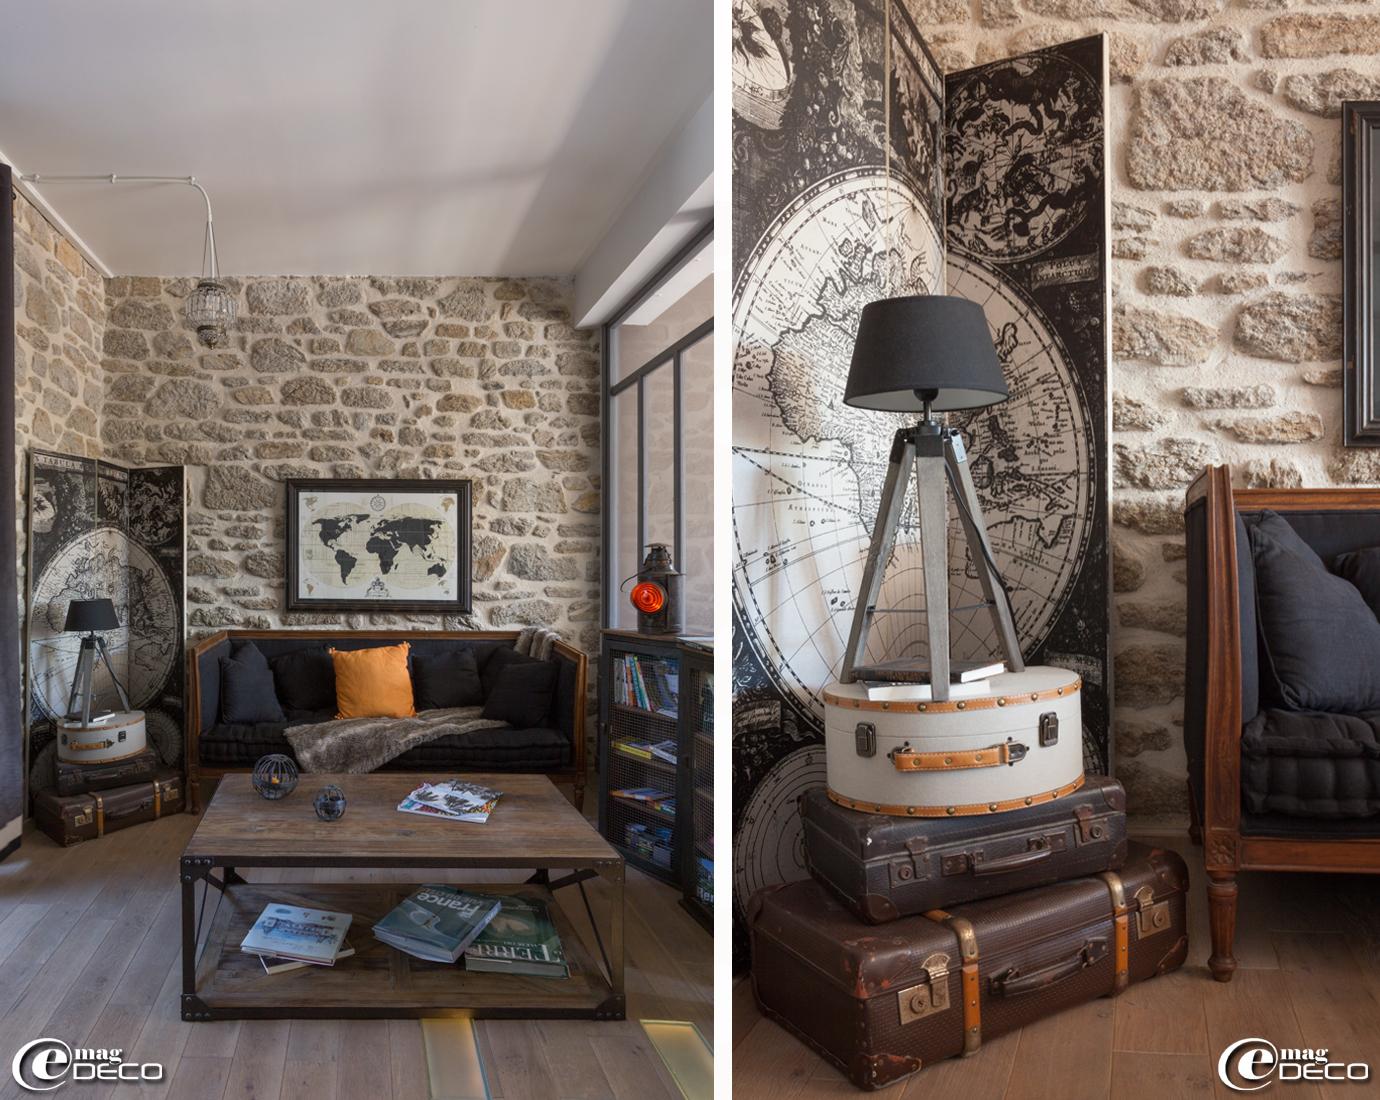 Decoration esprit atelier for Deco sejour atelier